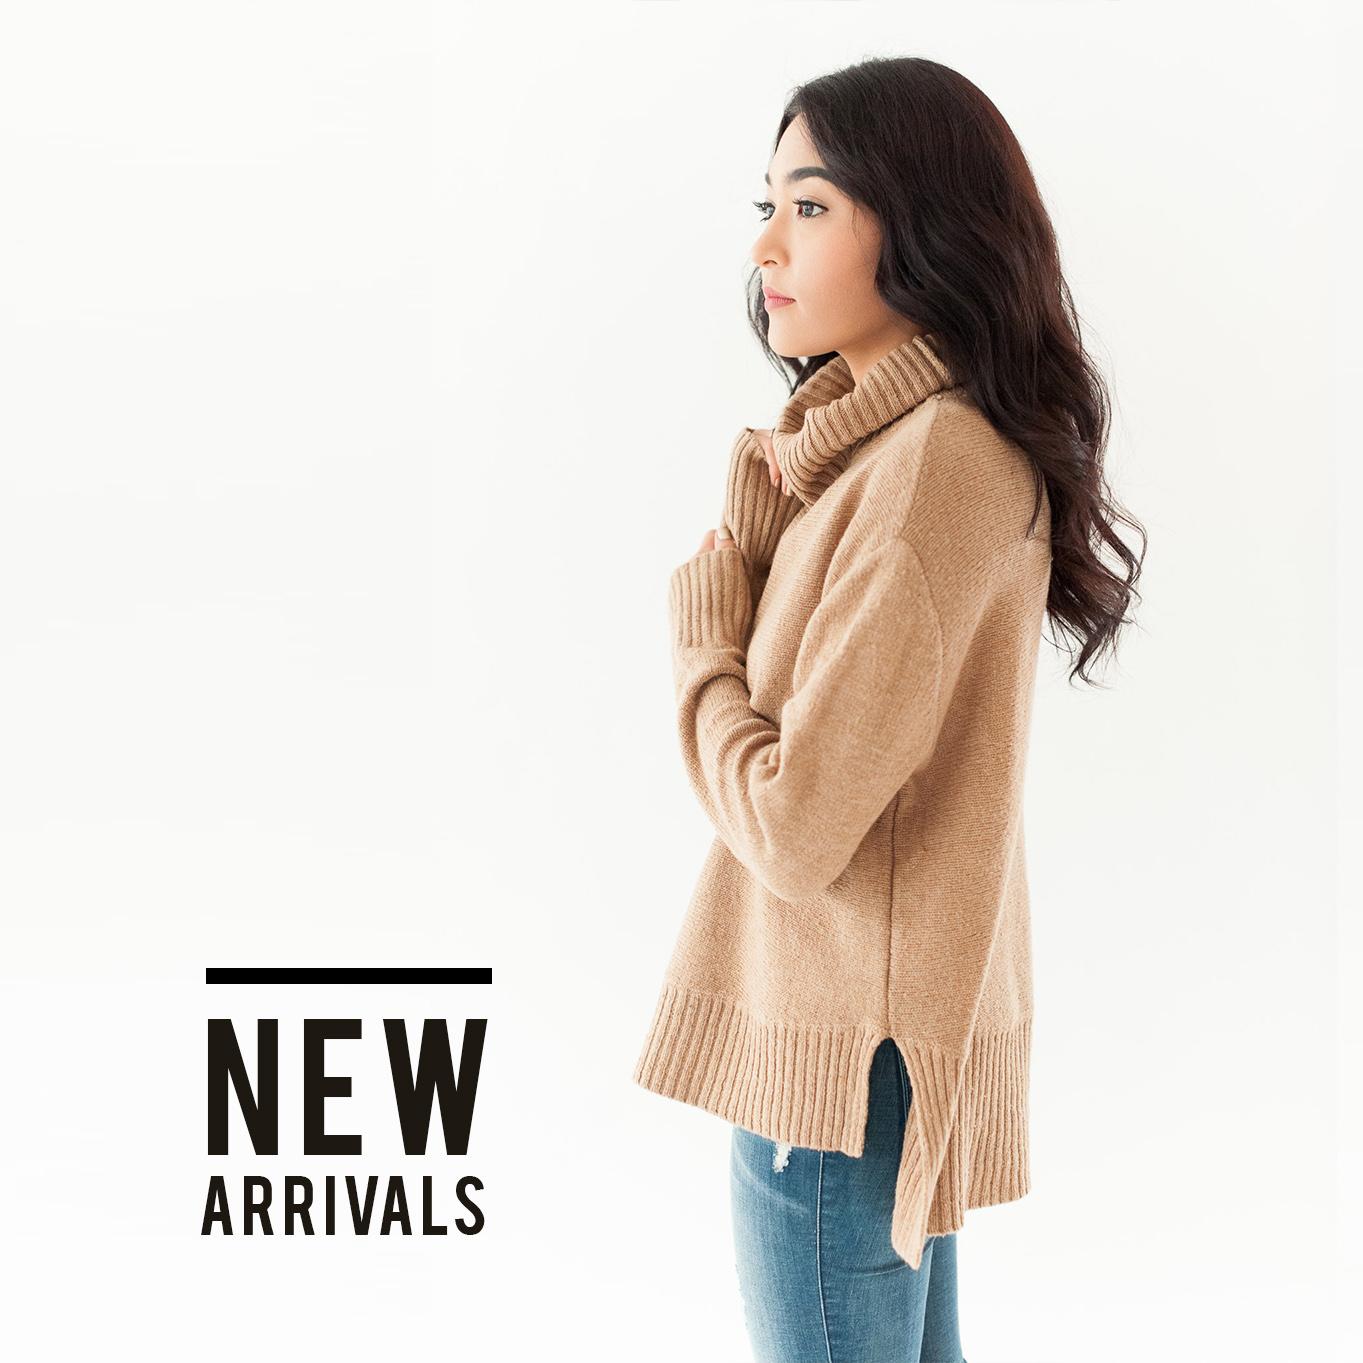 new_arrivals11.jpg